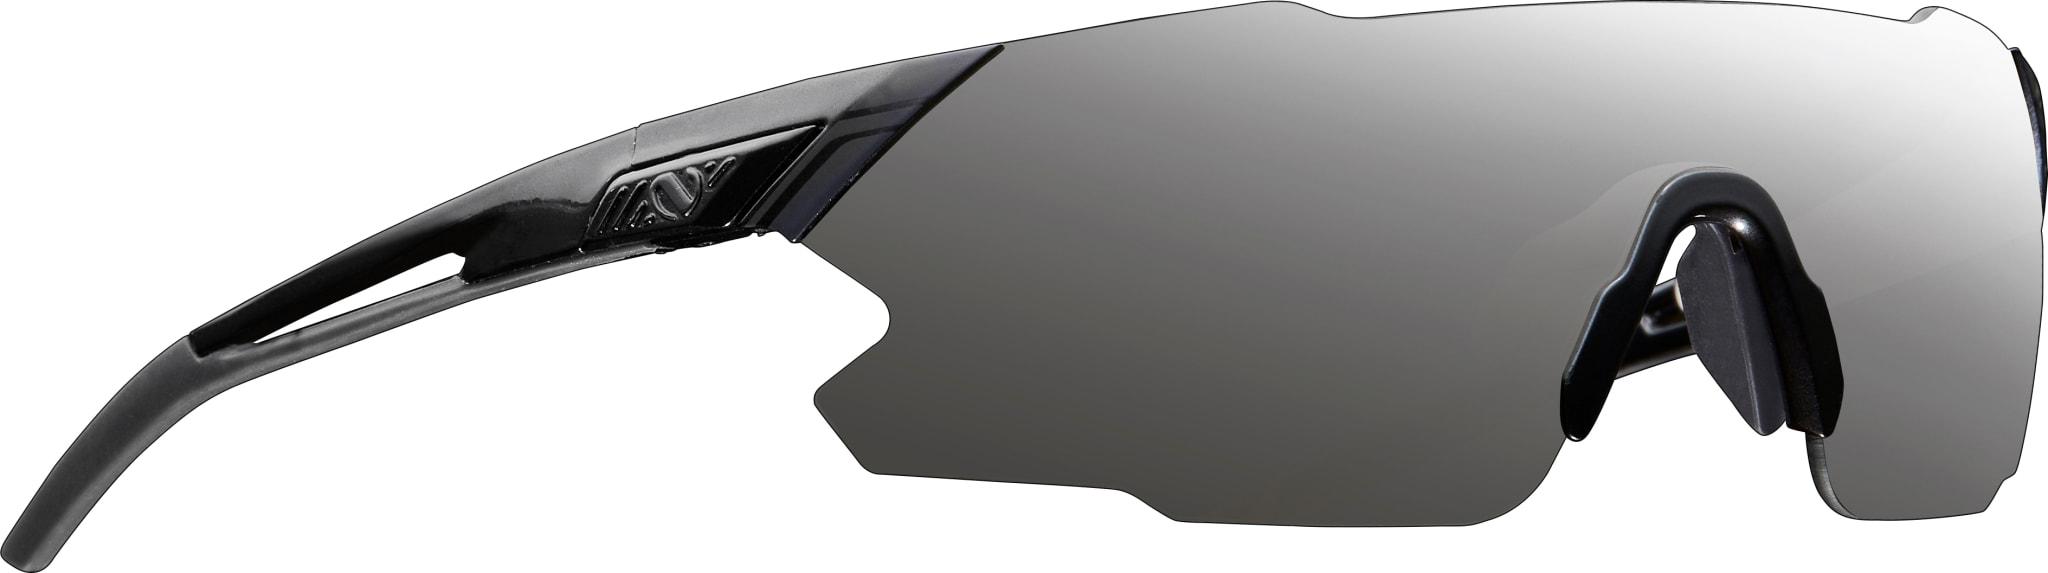 Tekniske multisportbriller med minimalistisk design og rask utforming